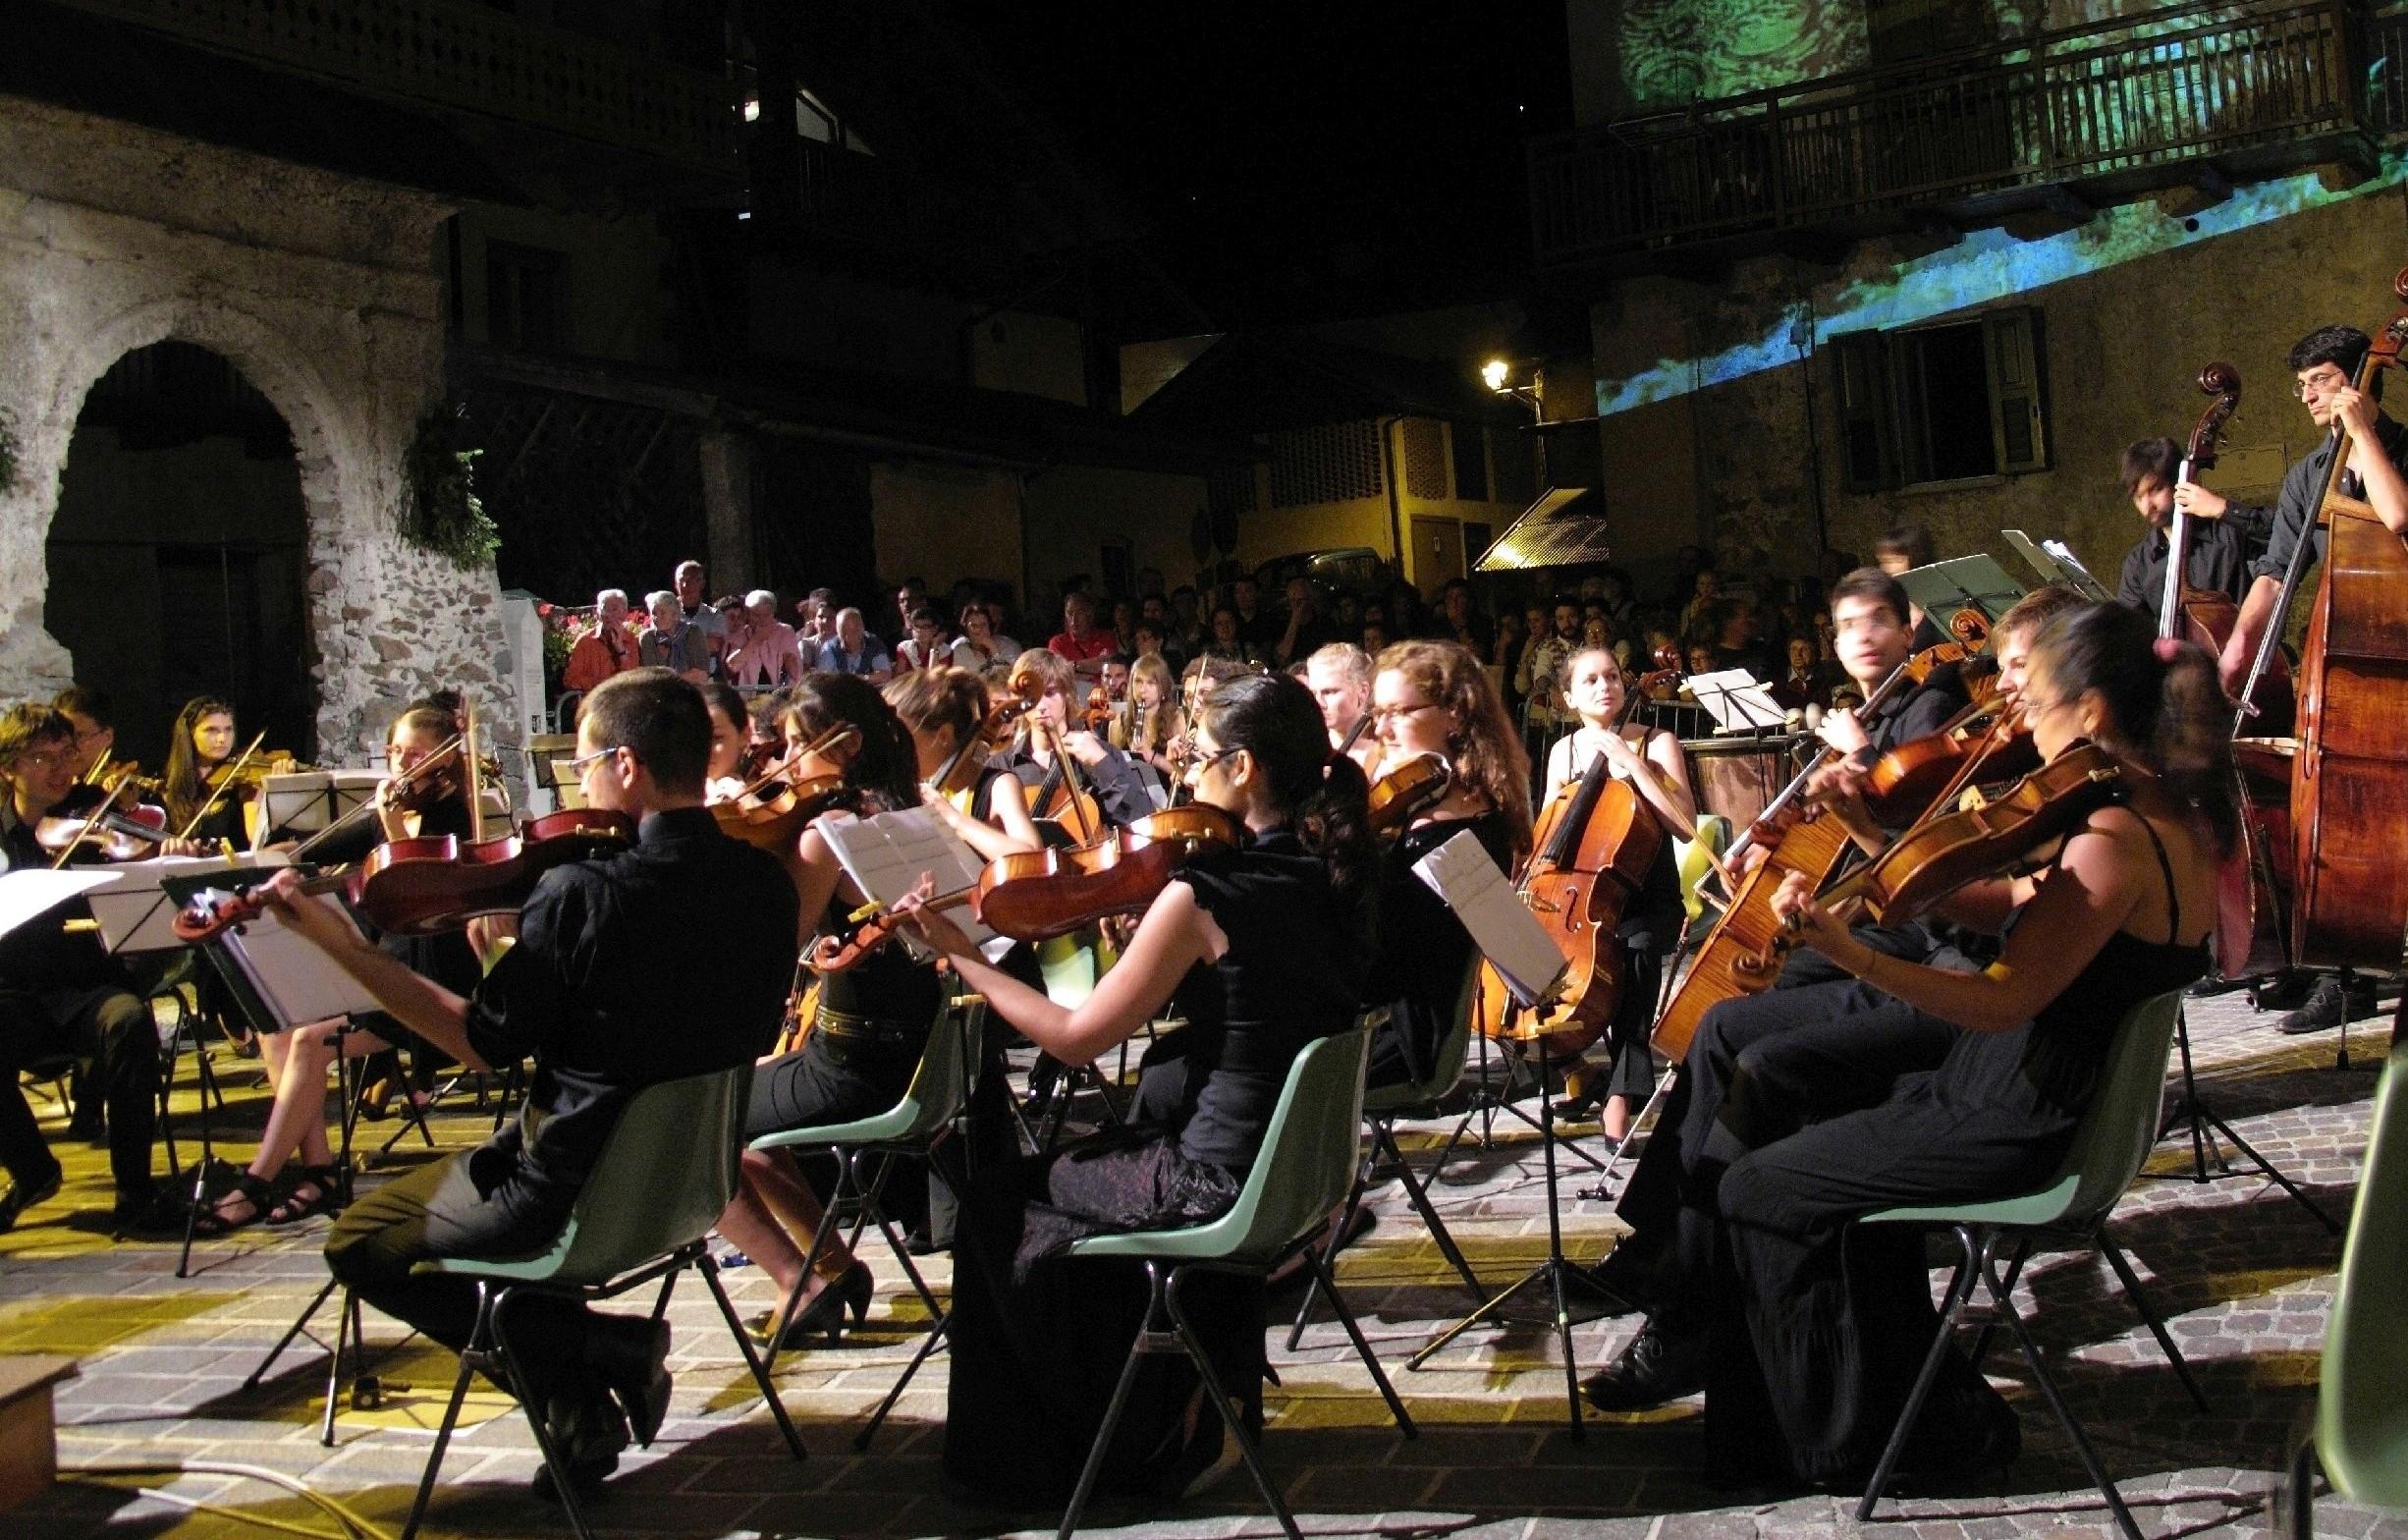 Concerti e serate negli scenari più spettacolari